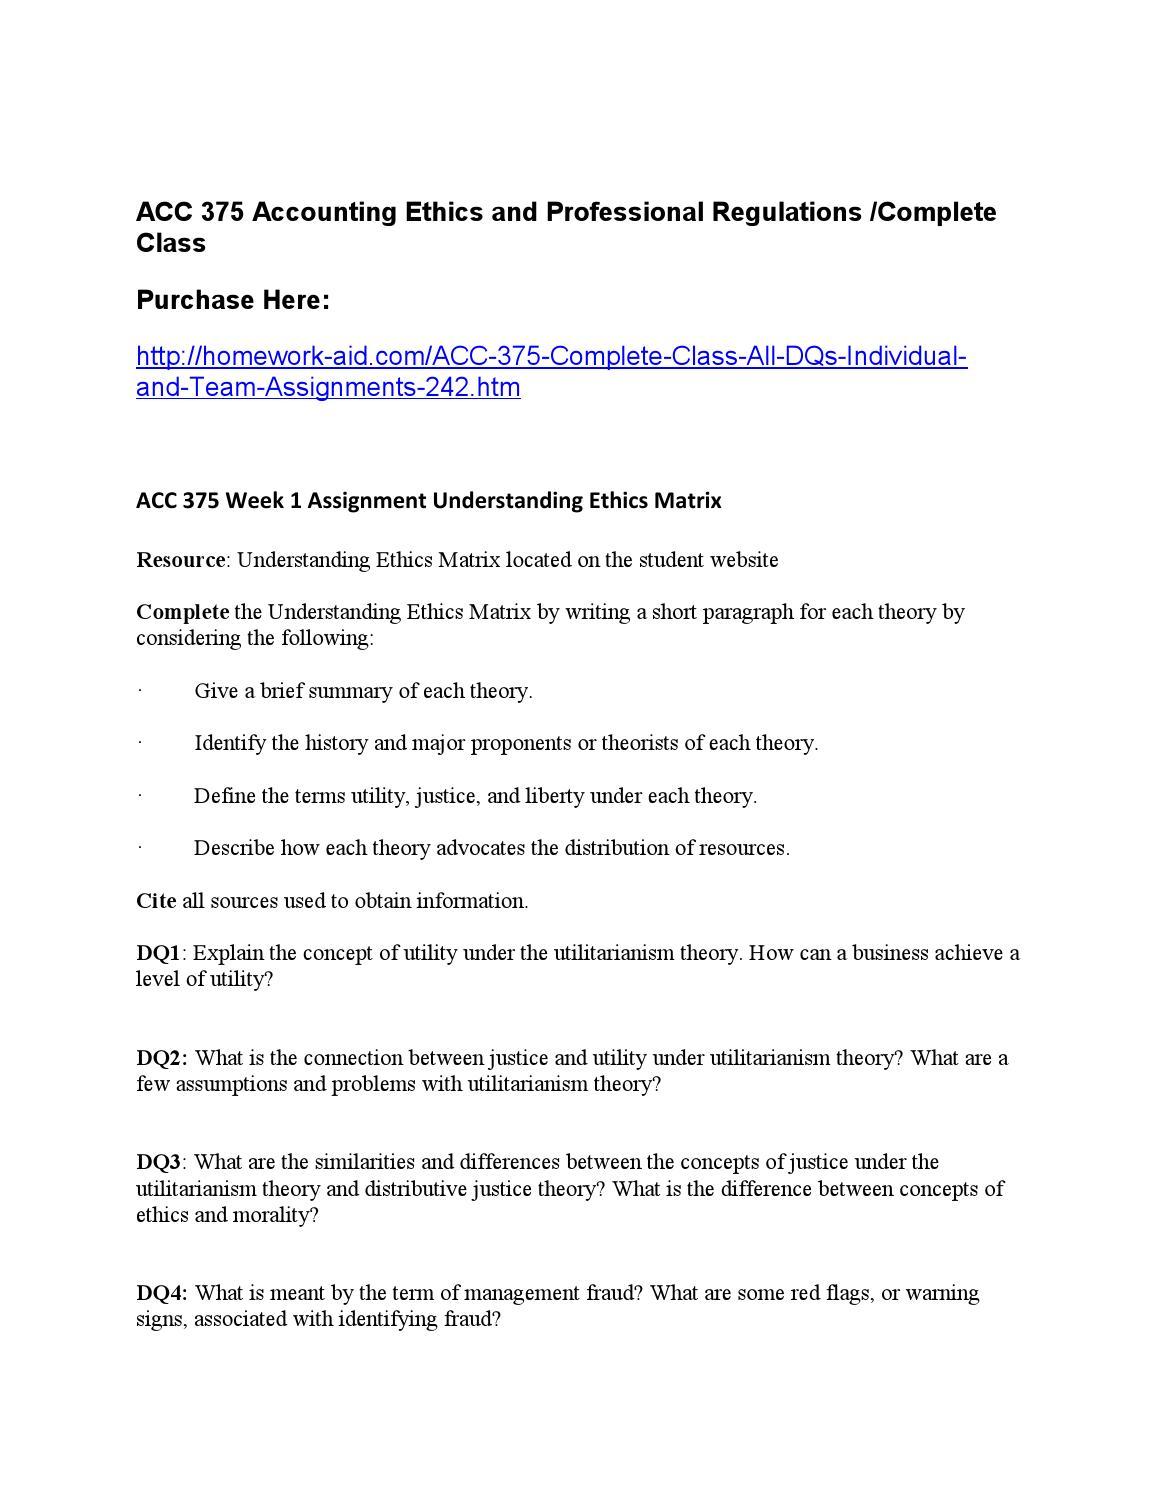 ACC 375 Week 1 Individual Assignment Understanding Ethics Matrix